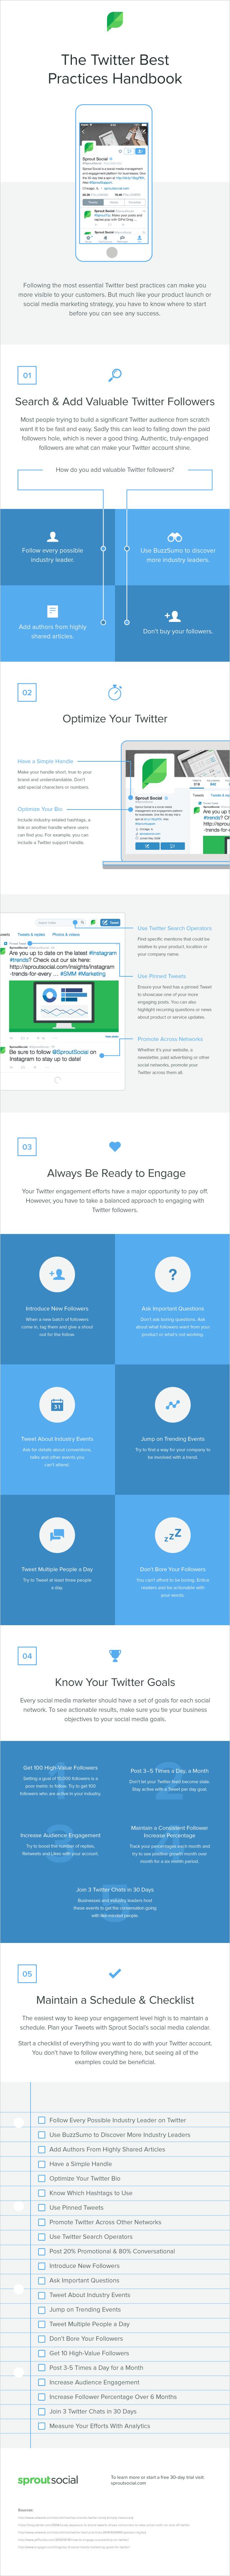 Las 5 mejores prácticas para sacar el máximo provecho a tu cuenta de Twitter